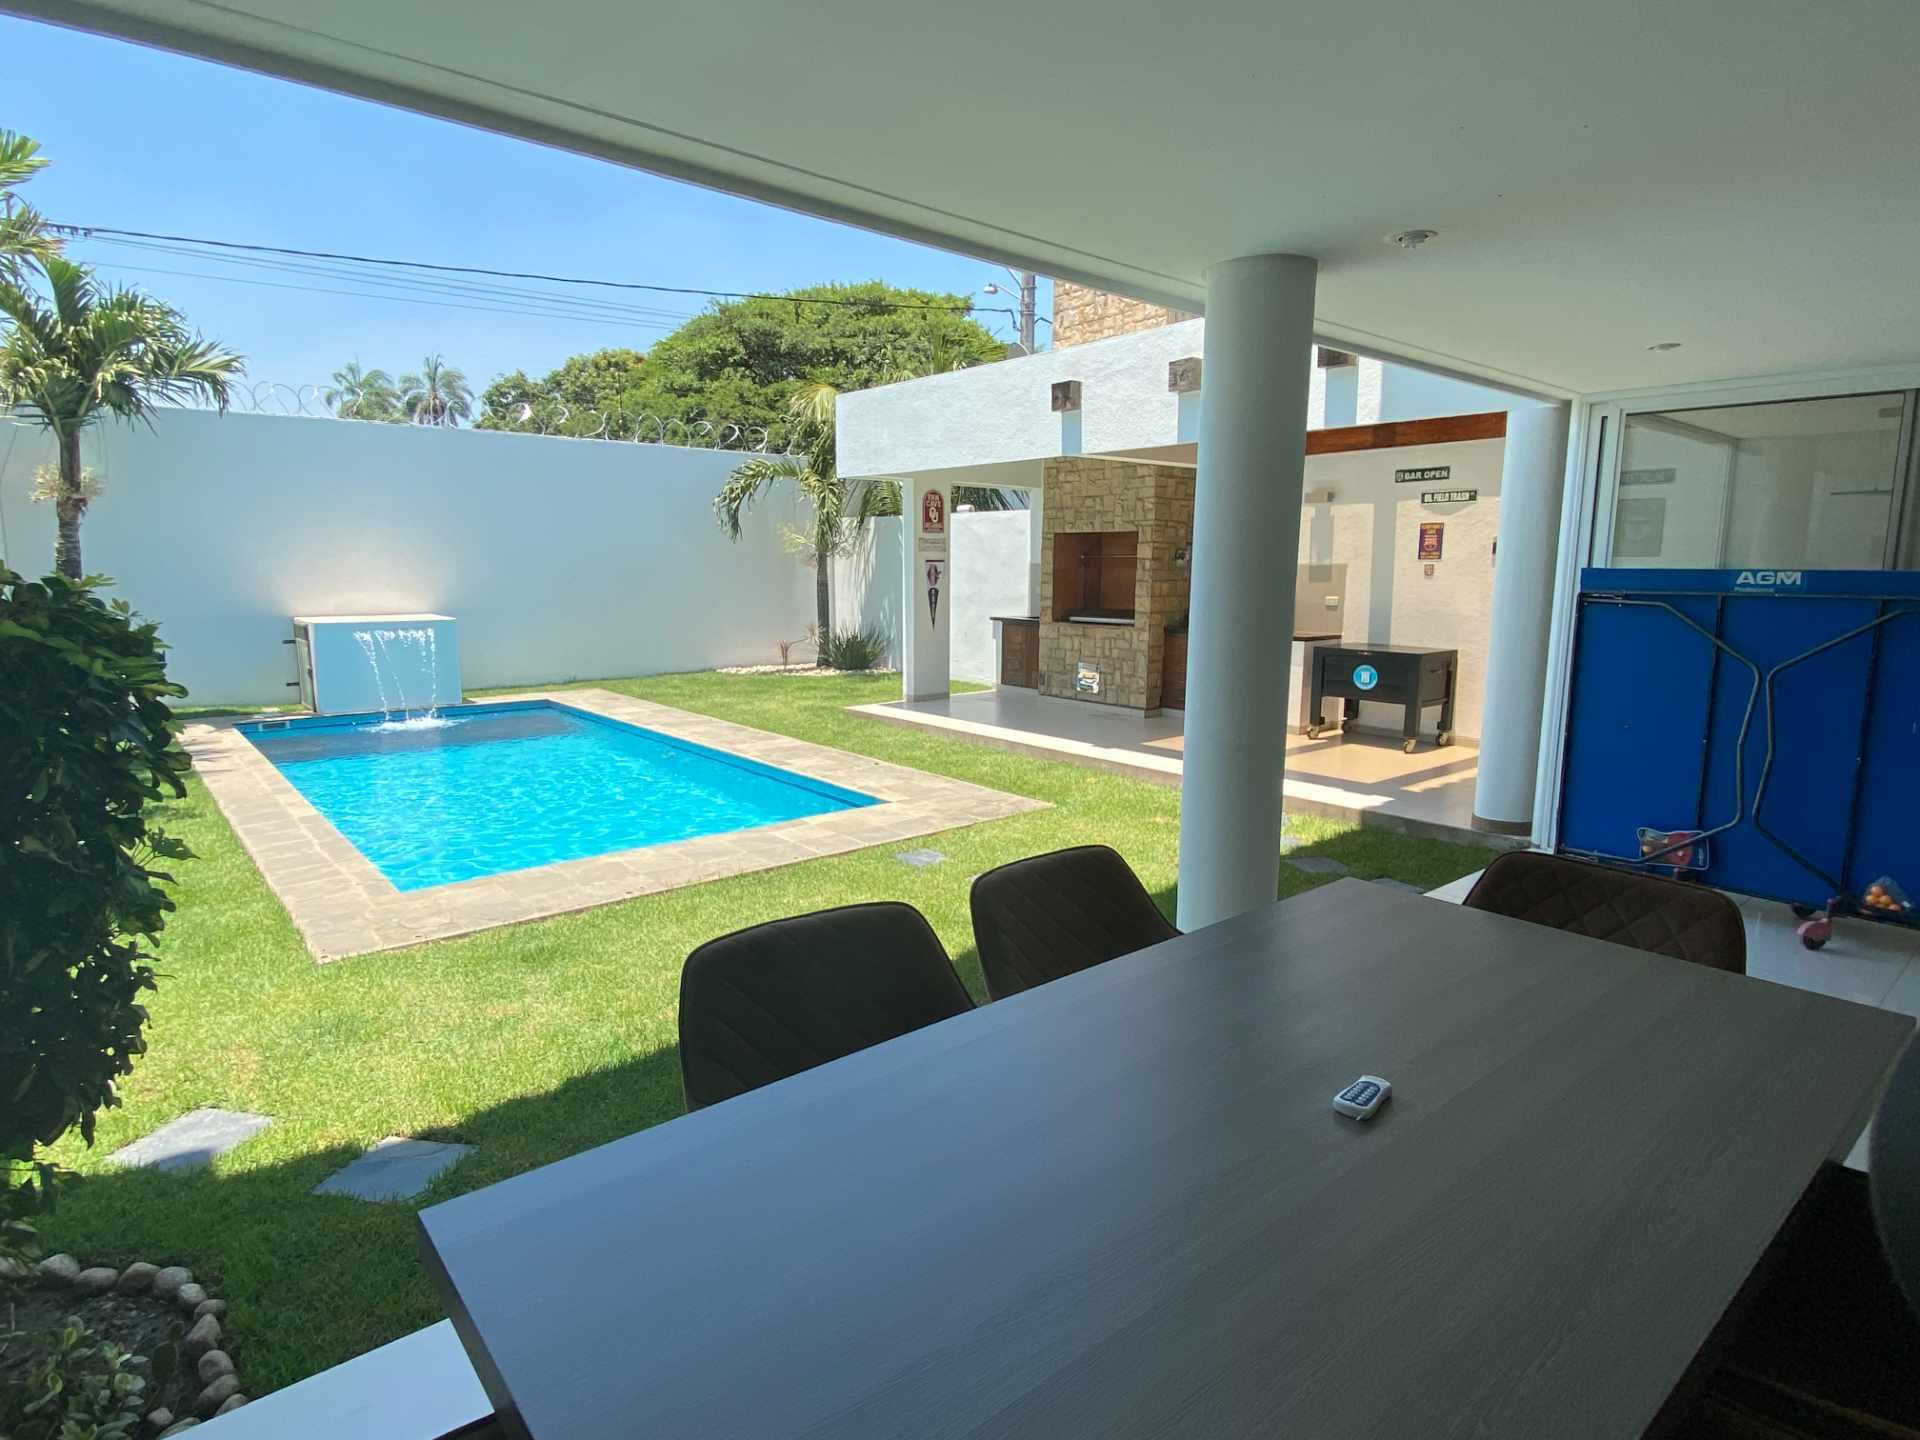 Casa en Alquiler Casa en Alquiler amoblada!! Cond. Las Palmas II Foto 1